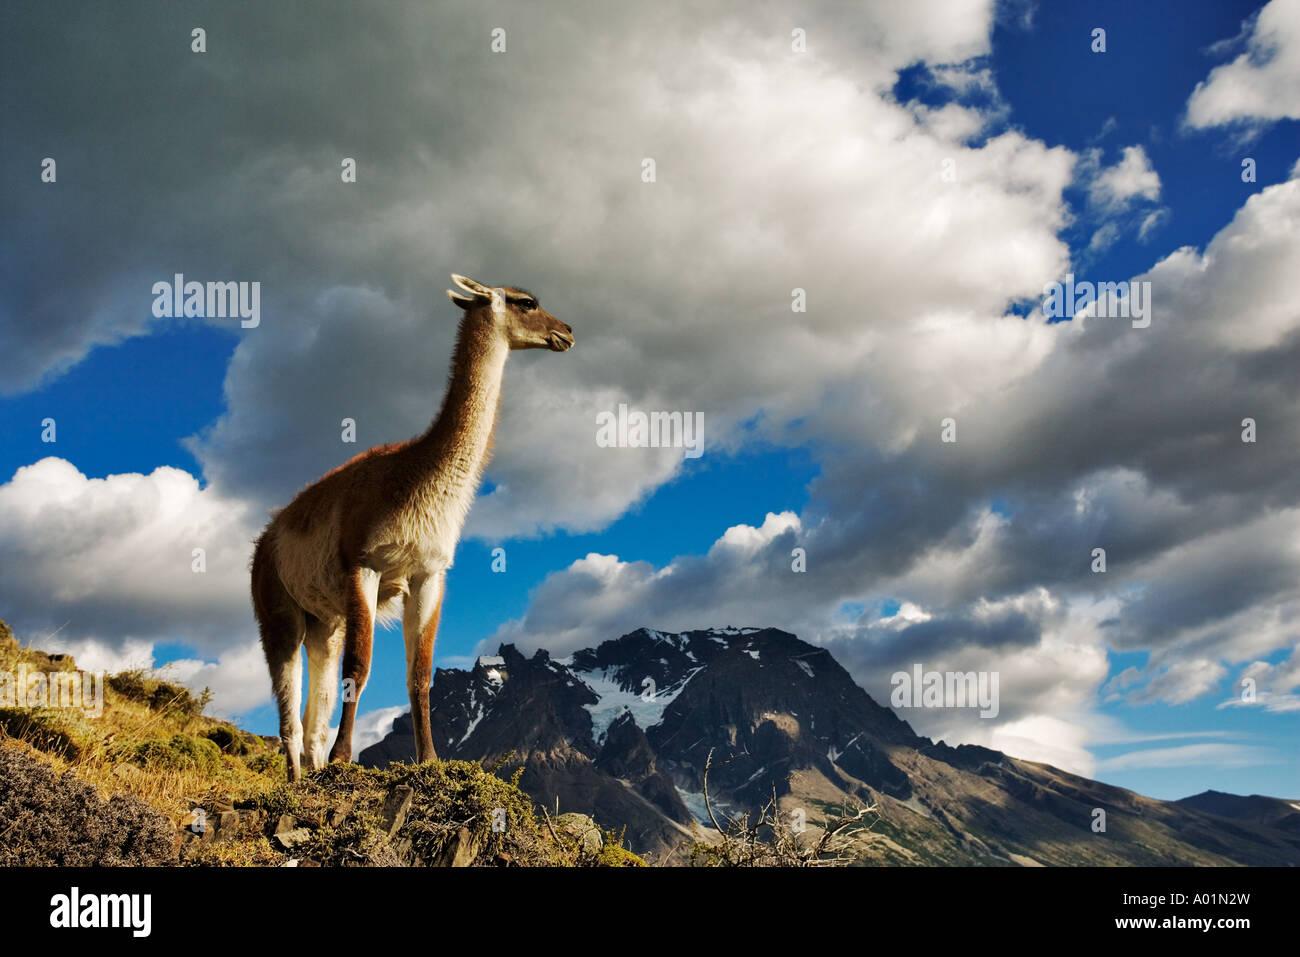 Guanaco Lama guanicoe Guanaco permanente sulla Collina Parco Nazionale Torres del Paine cile america del sud Immagini Stock